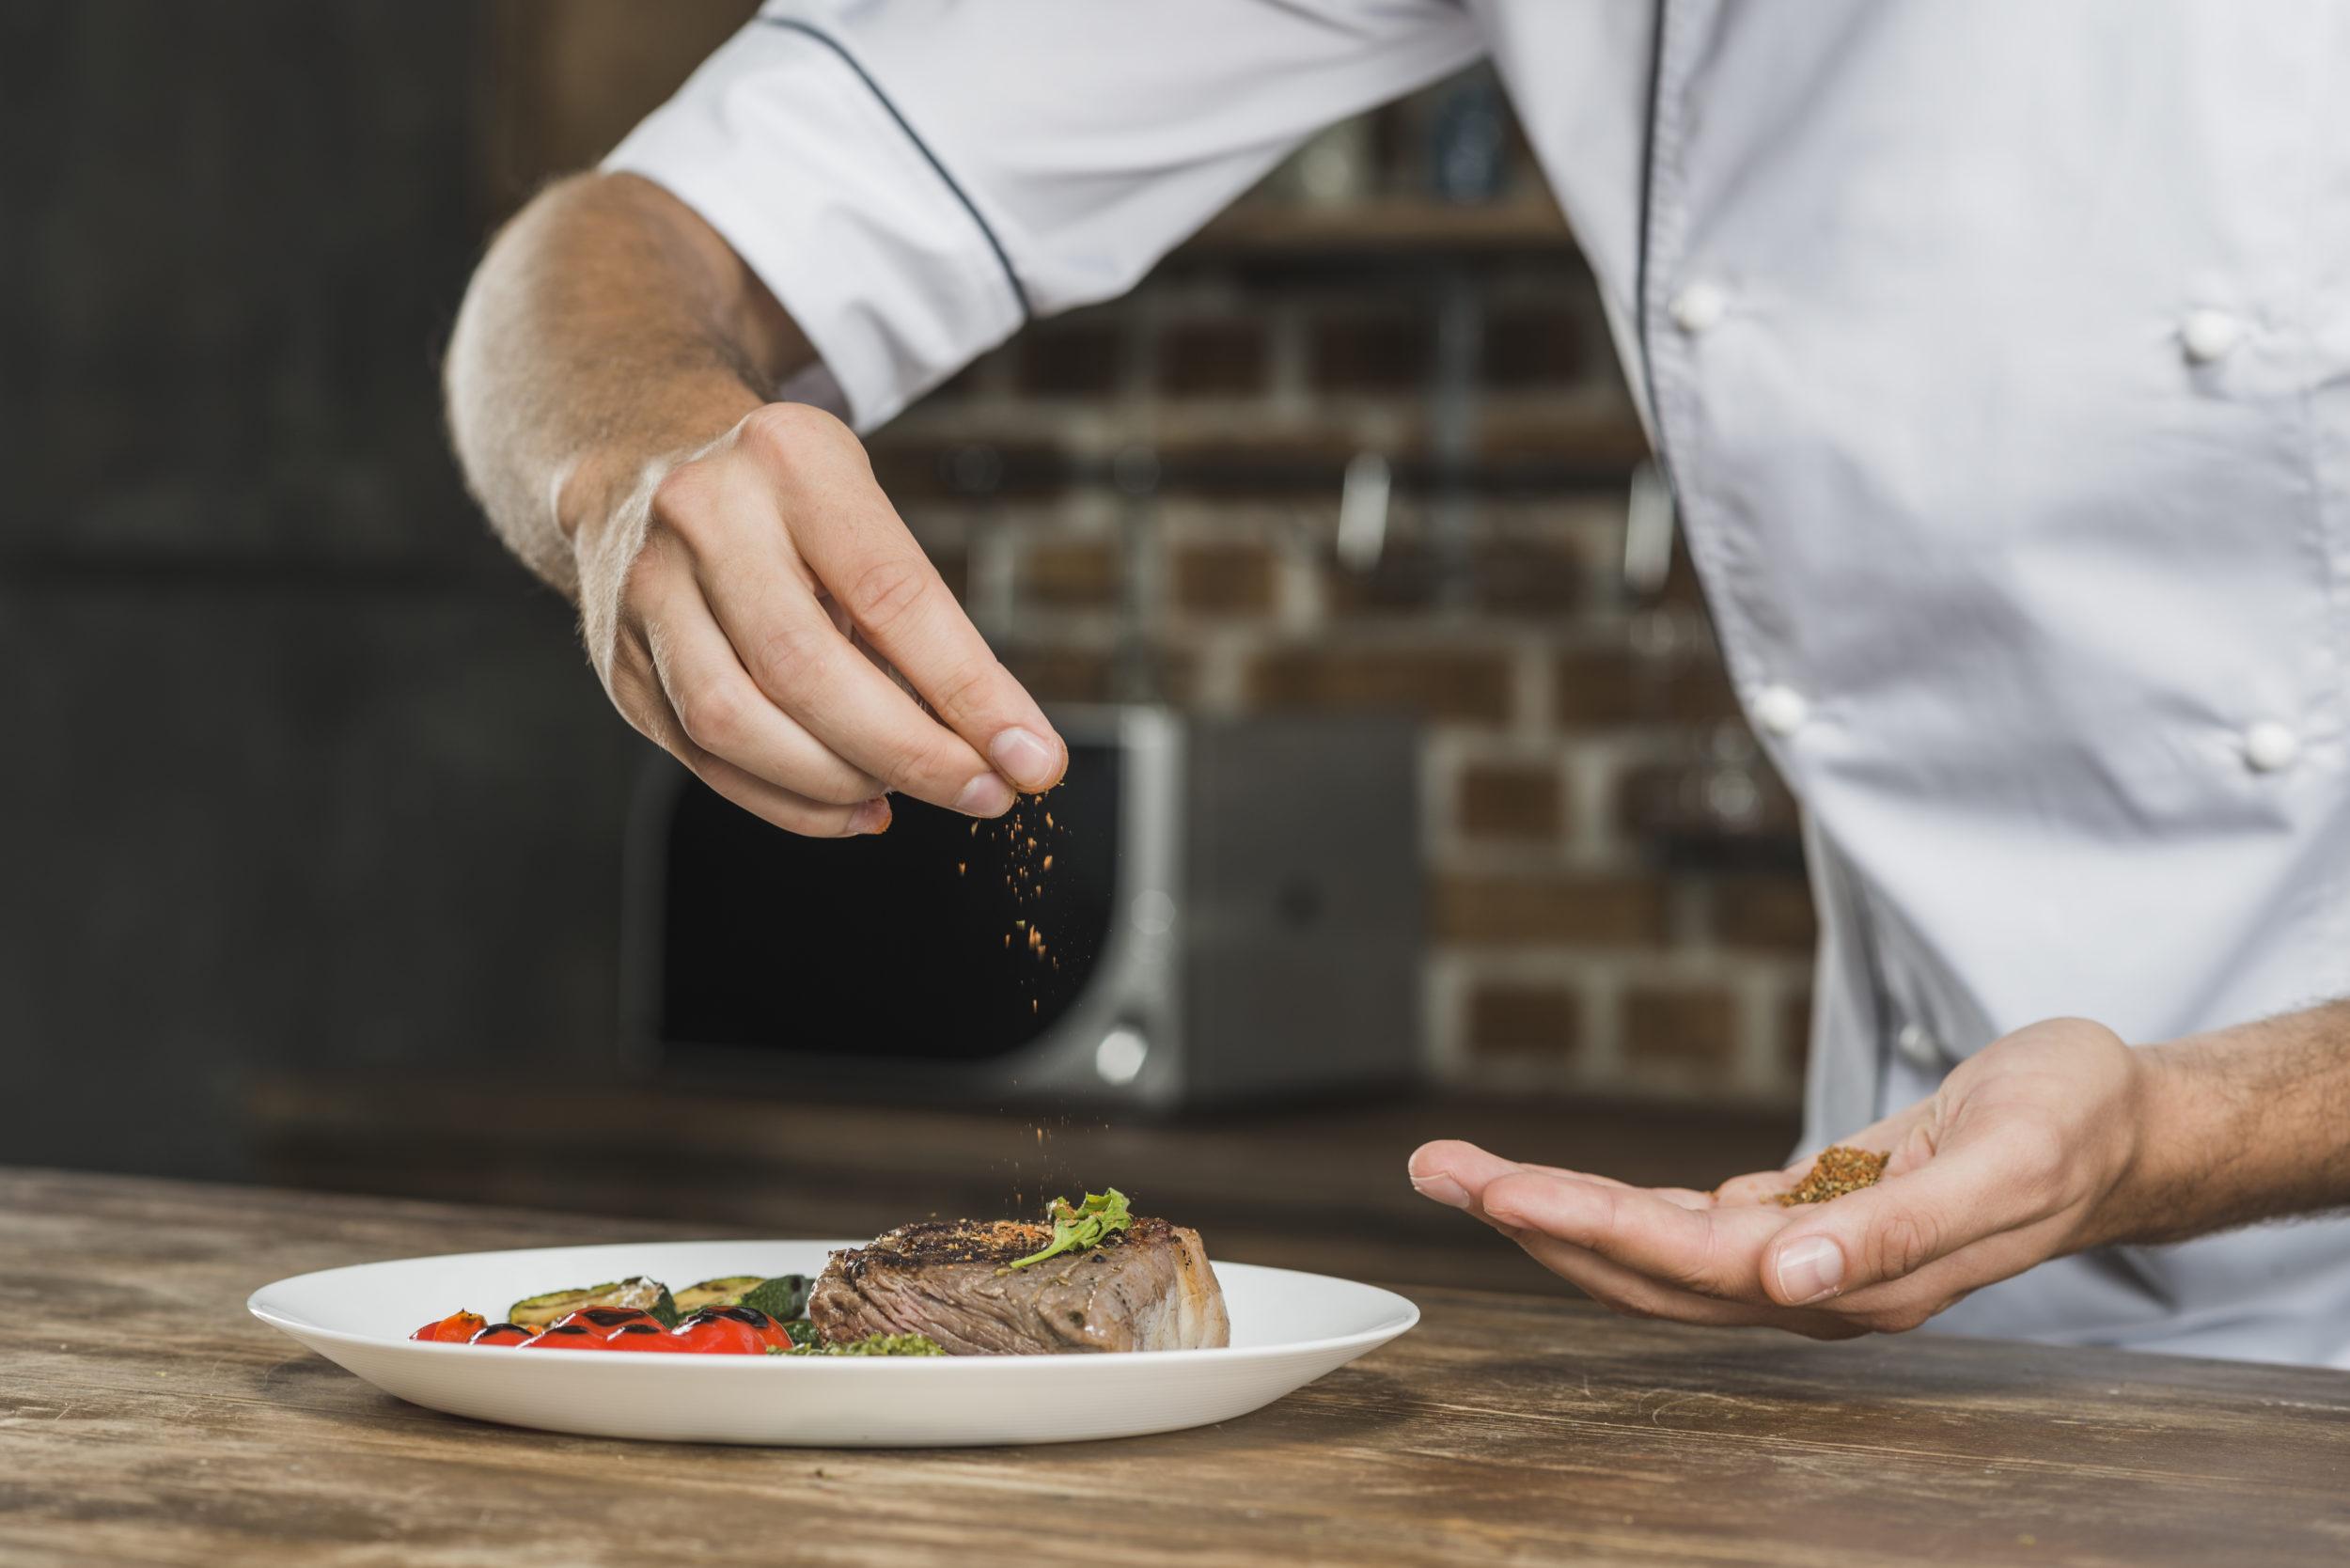 Cuisinier assaisonnant un plat